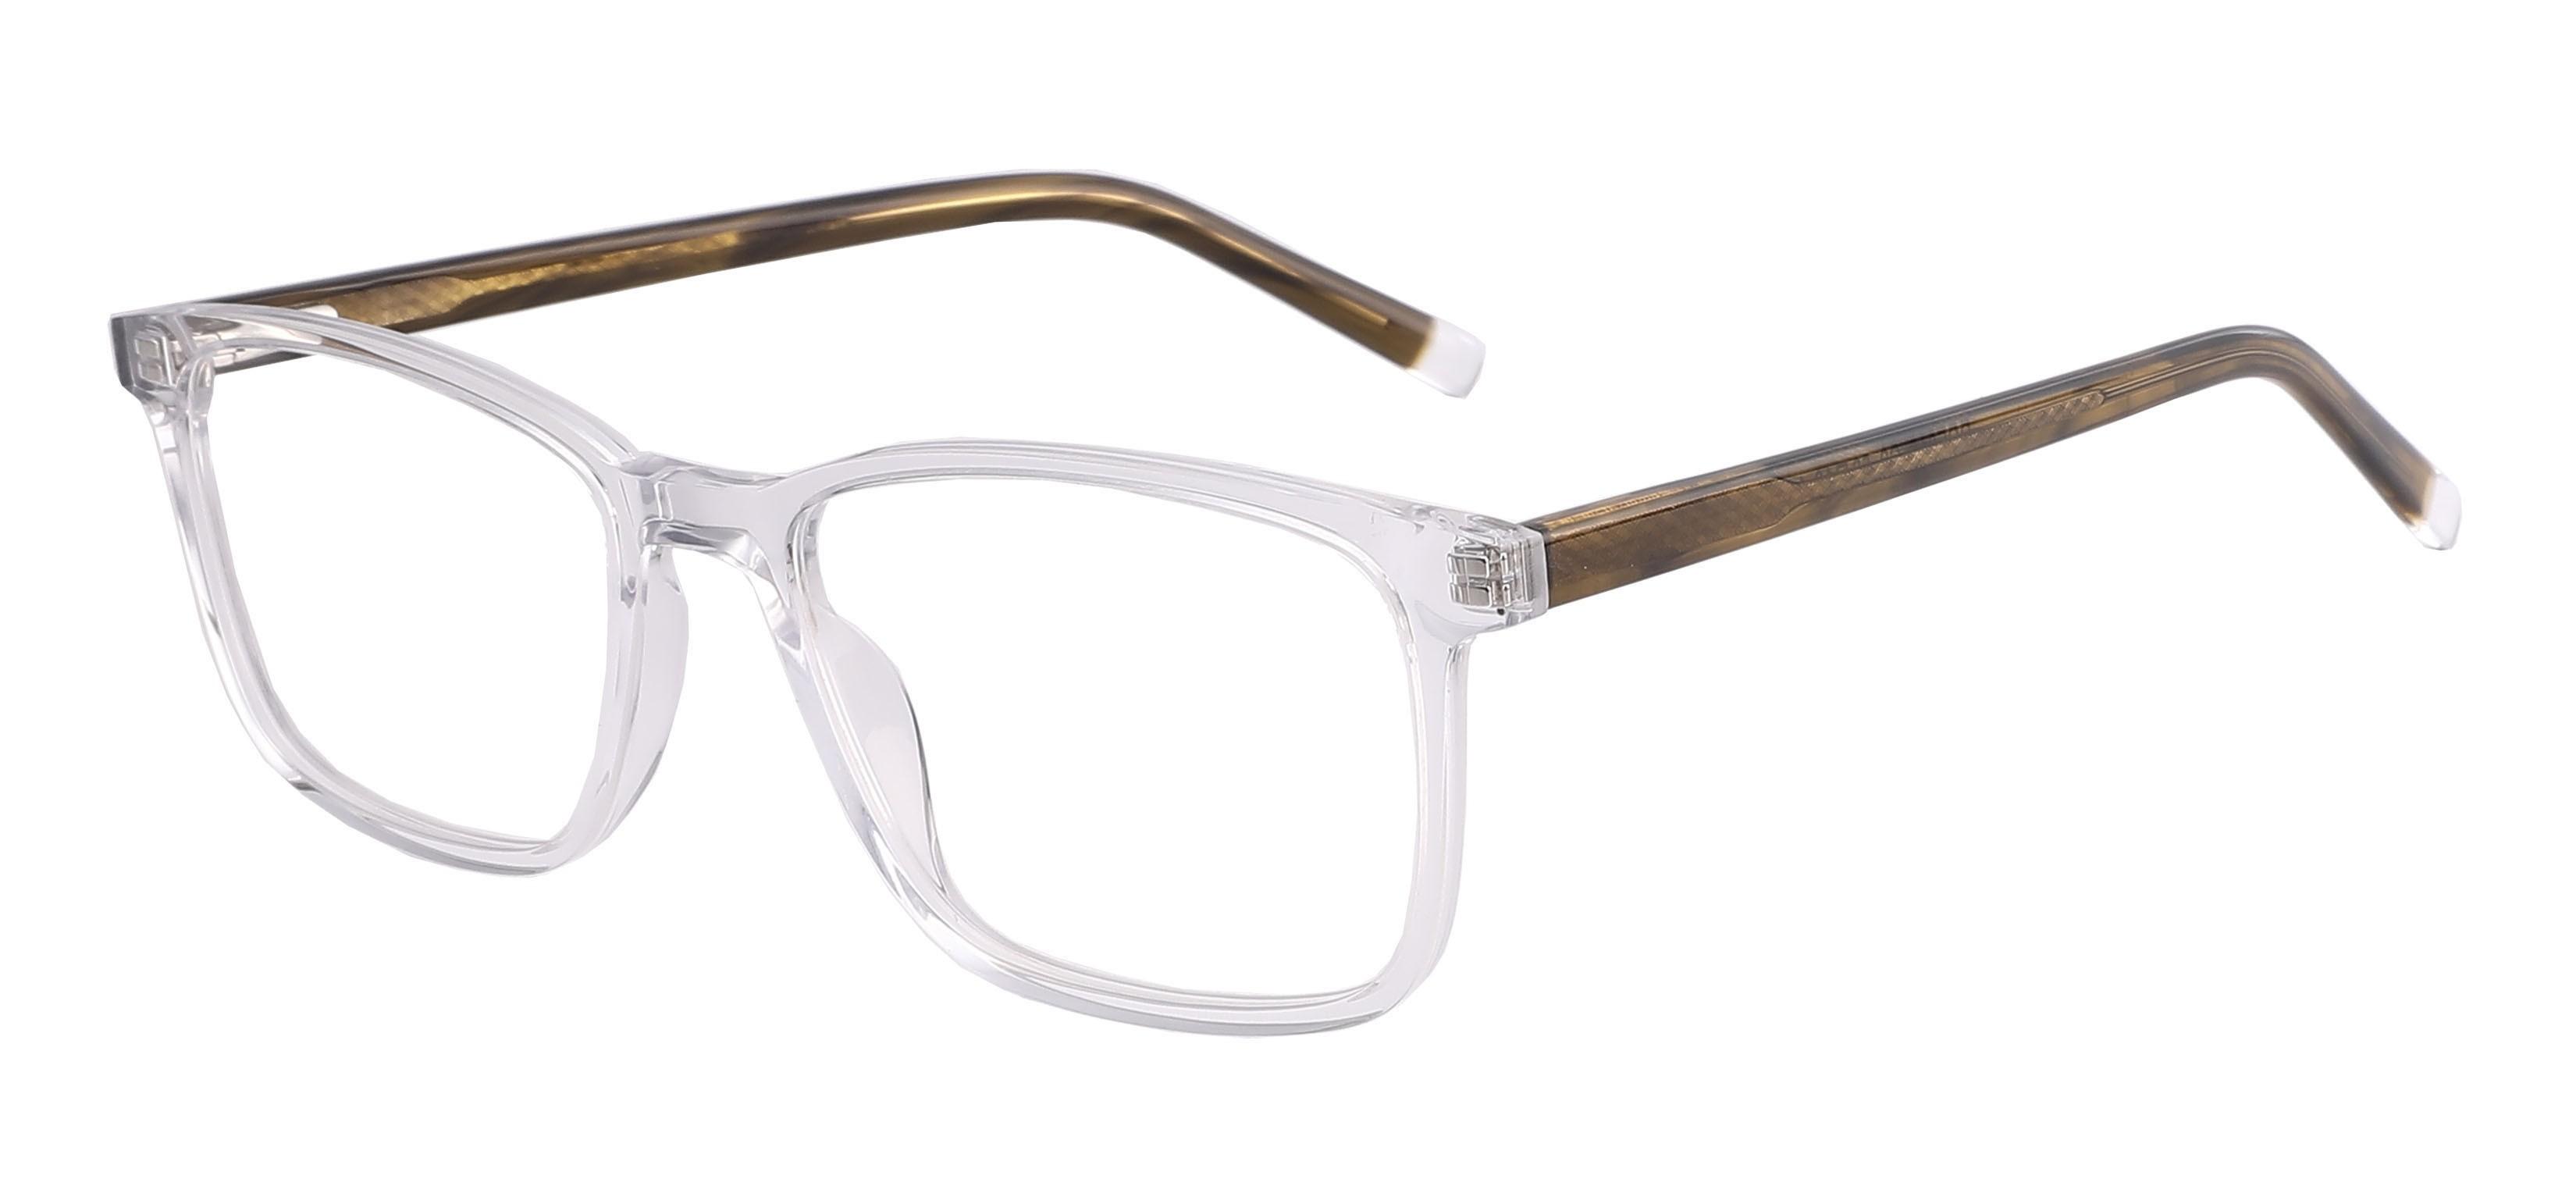 Jean Crystal sinise valguse prillid